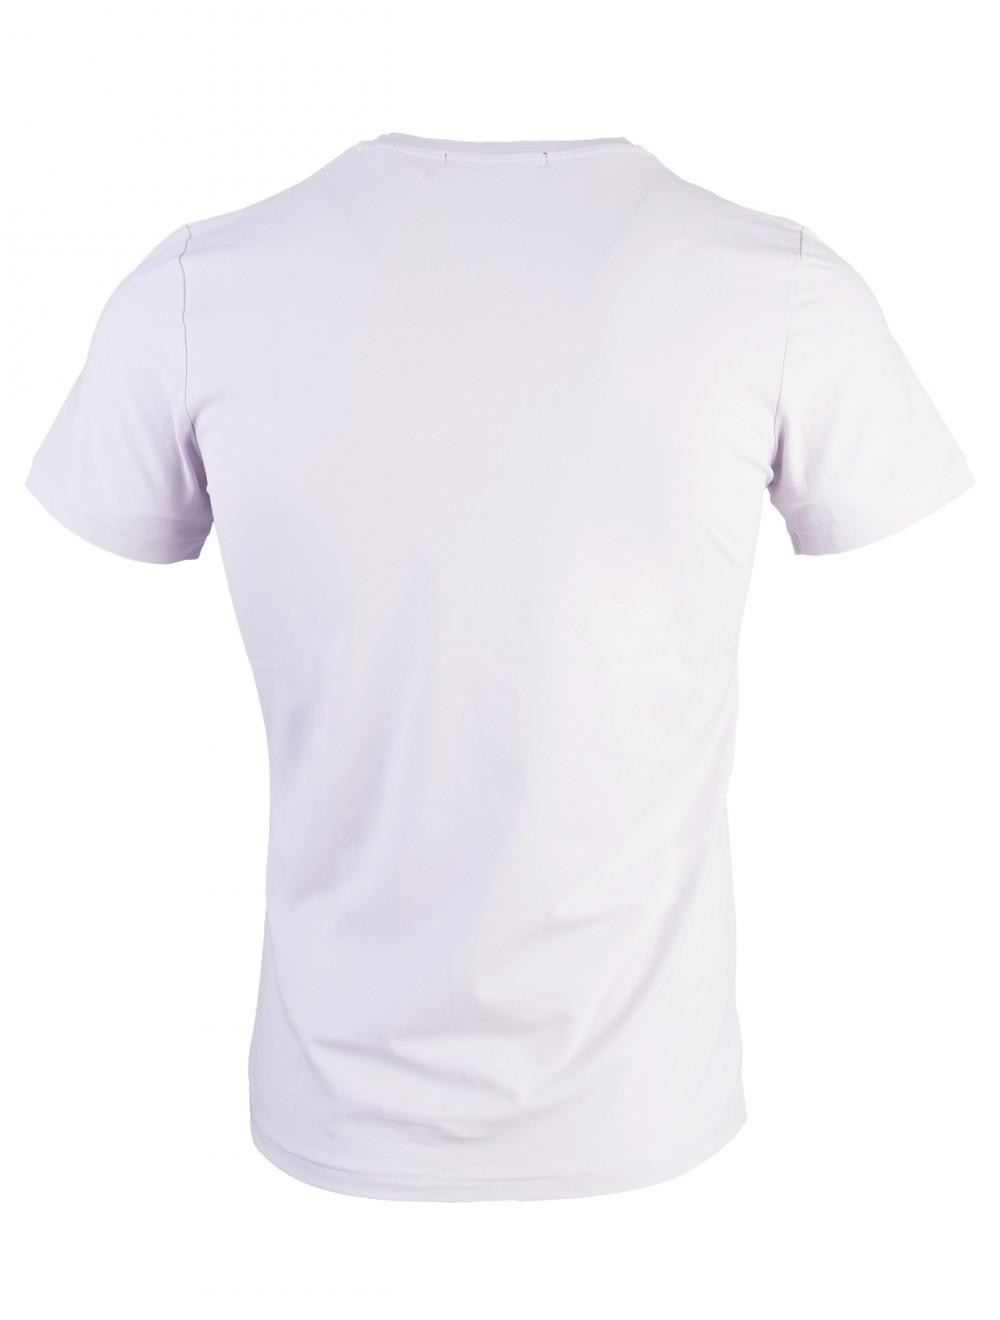 Áo thun xám trắng at716 - 2